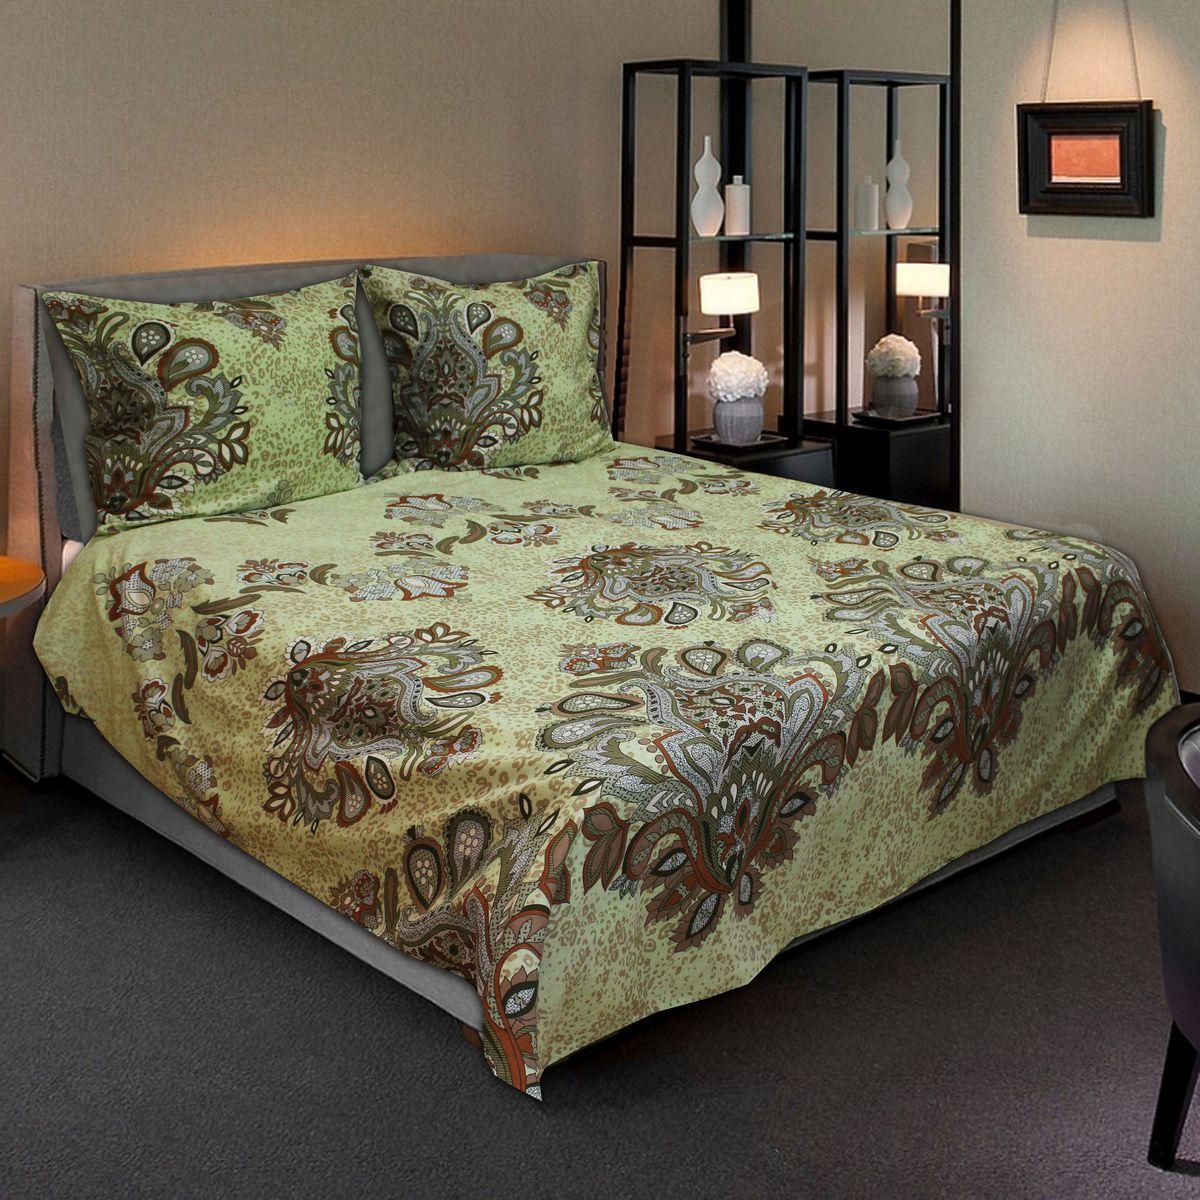 Комплект белья Amore Mio Decor, 2-спальный, наволочки 70х70FD 992Комплект постельного белья Amore Mio является экологически безопасным для всей семьи, так как выполнен из бязи (100% хлопок). Постельное белье оформлено оригинальным рисунком и имеет изысканный внешний вид.Легкая, плотная, мягкая ткань отлично стирается, гладится, быстро сохнет. Комплект состоит из пододеяльника, простыни и двух наволочек.